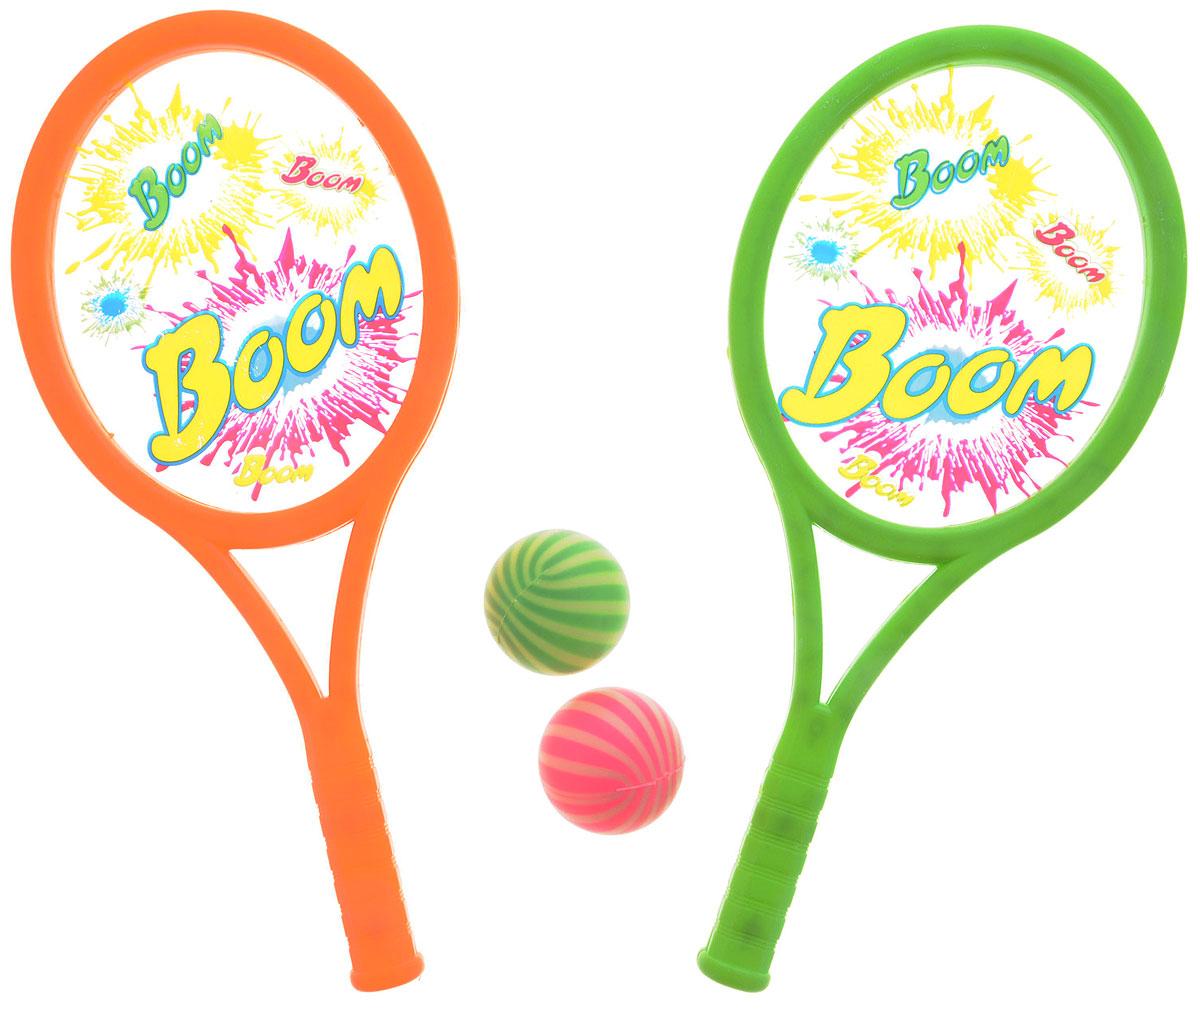 YG Sport Игровой набор ТеннисYG39GИгровой набор YG Sport Теннис - прекрасный способ весело и активно провести время на природе. В комплект входят две ракетки и два мяча. Все предметы выполнены из прочного и качественного материала в яркой цветовой гамме. Игра развивает меткость, ловкость, внимательность и мелкую моторику.